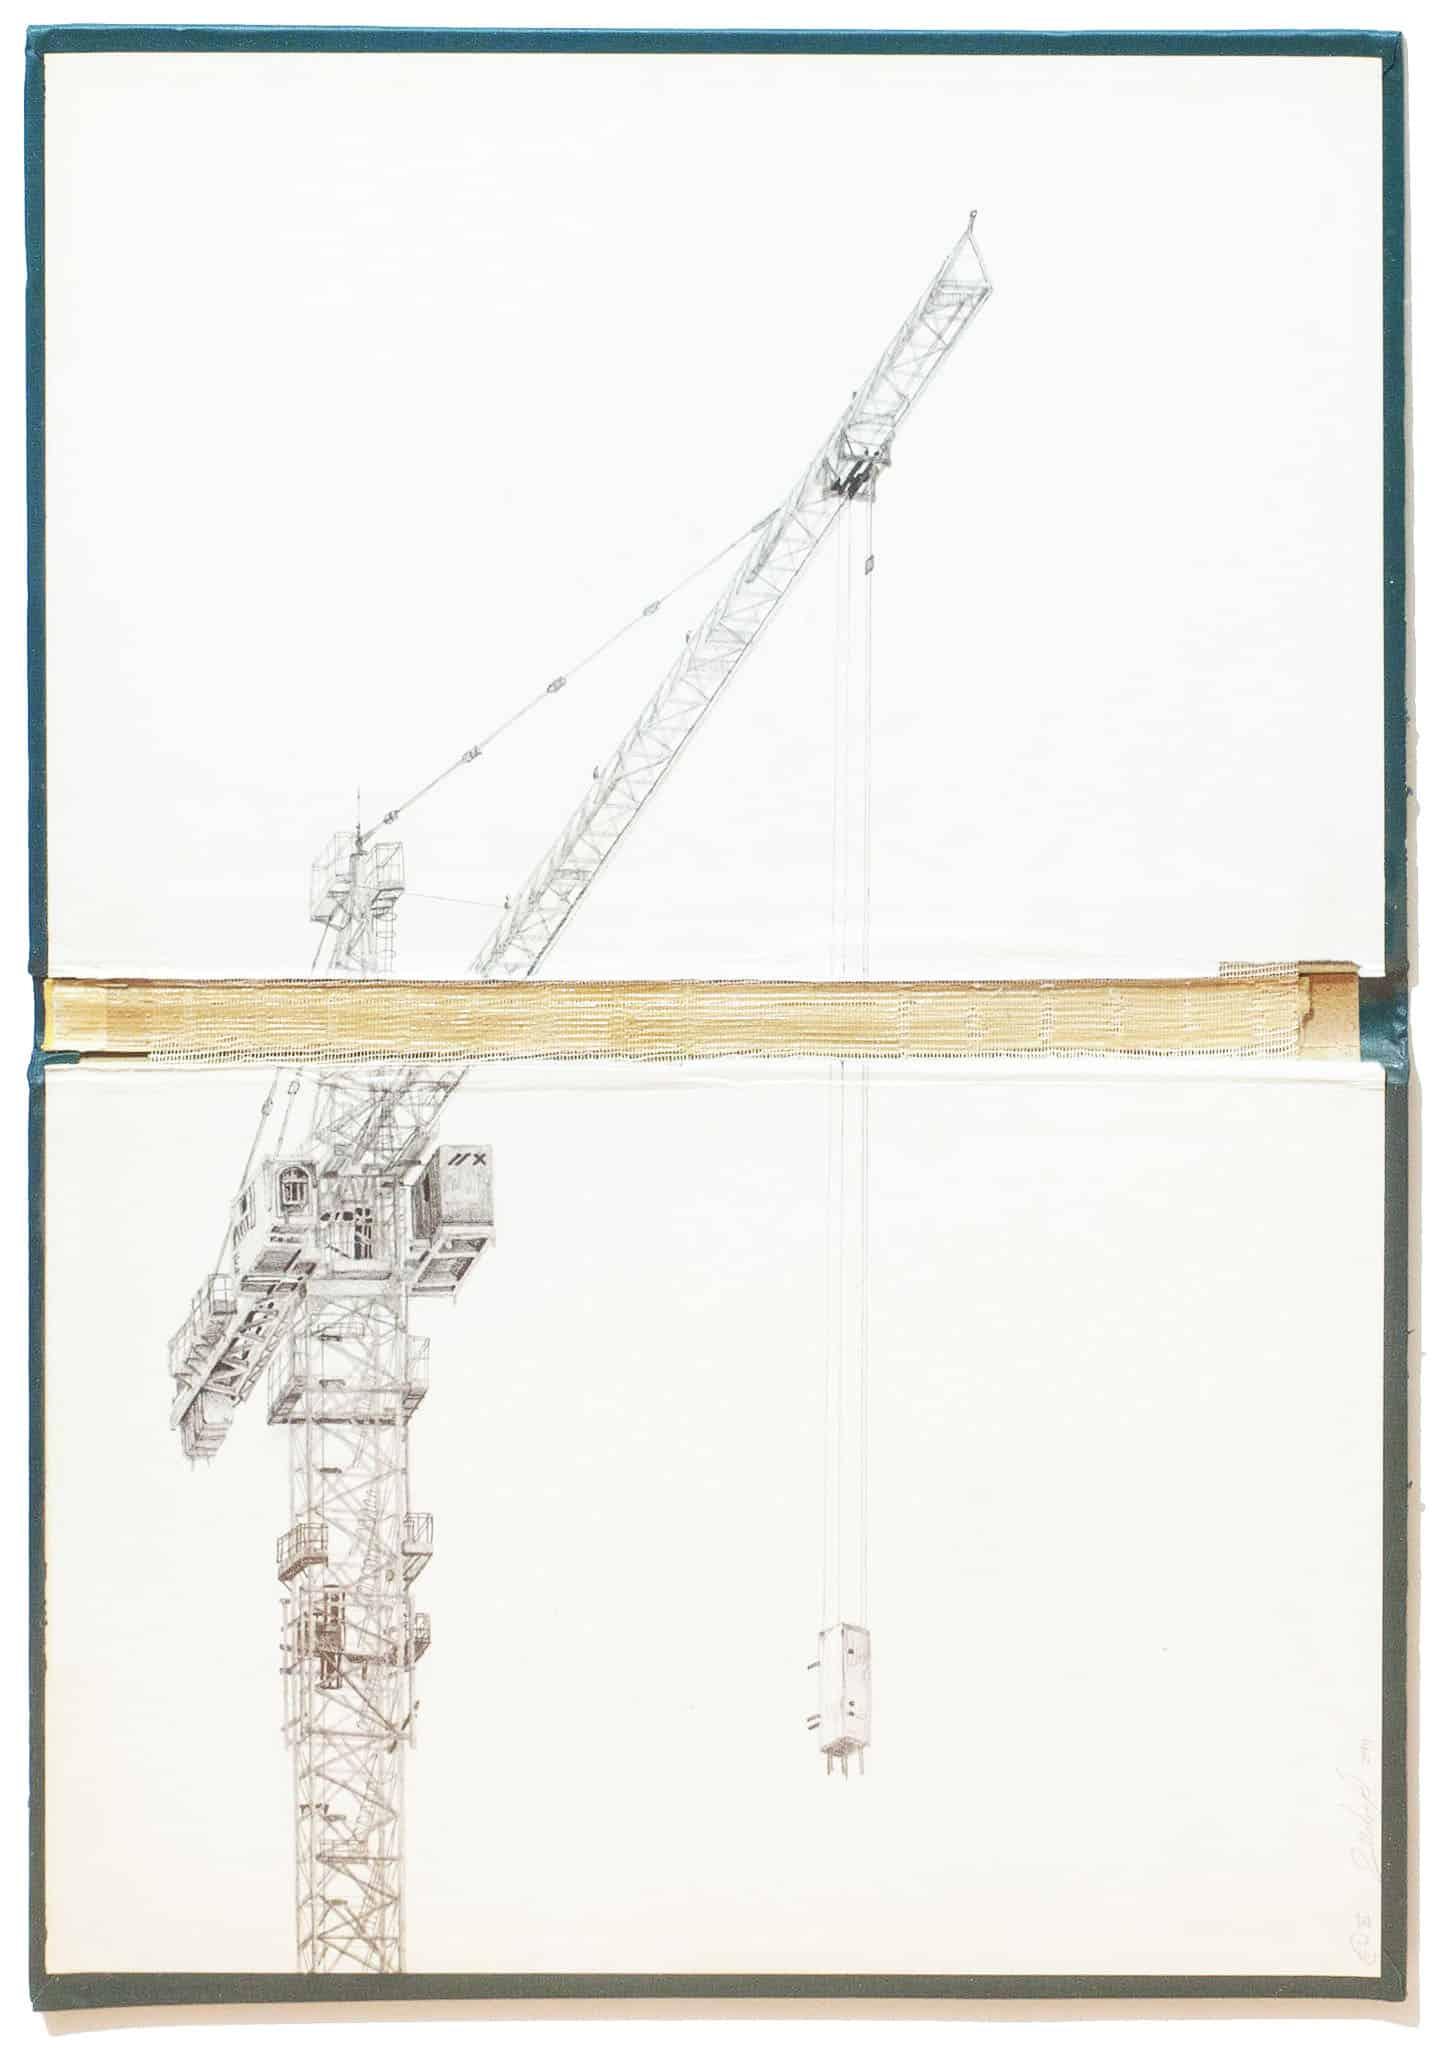 """אמיר תומשוב, """"Abyssus Abyssum Invocat X"""", 2014, גרפיט על כריכת ספר, 31×44 ס""""מ"""